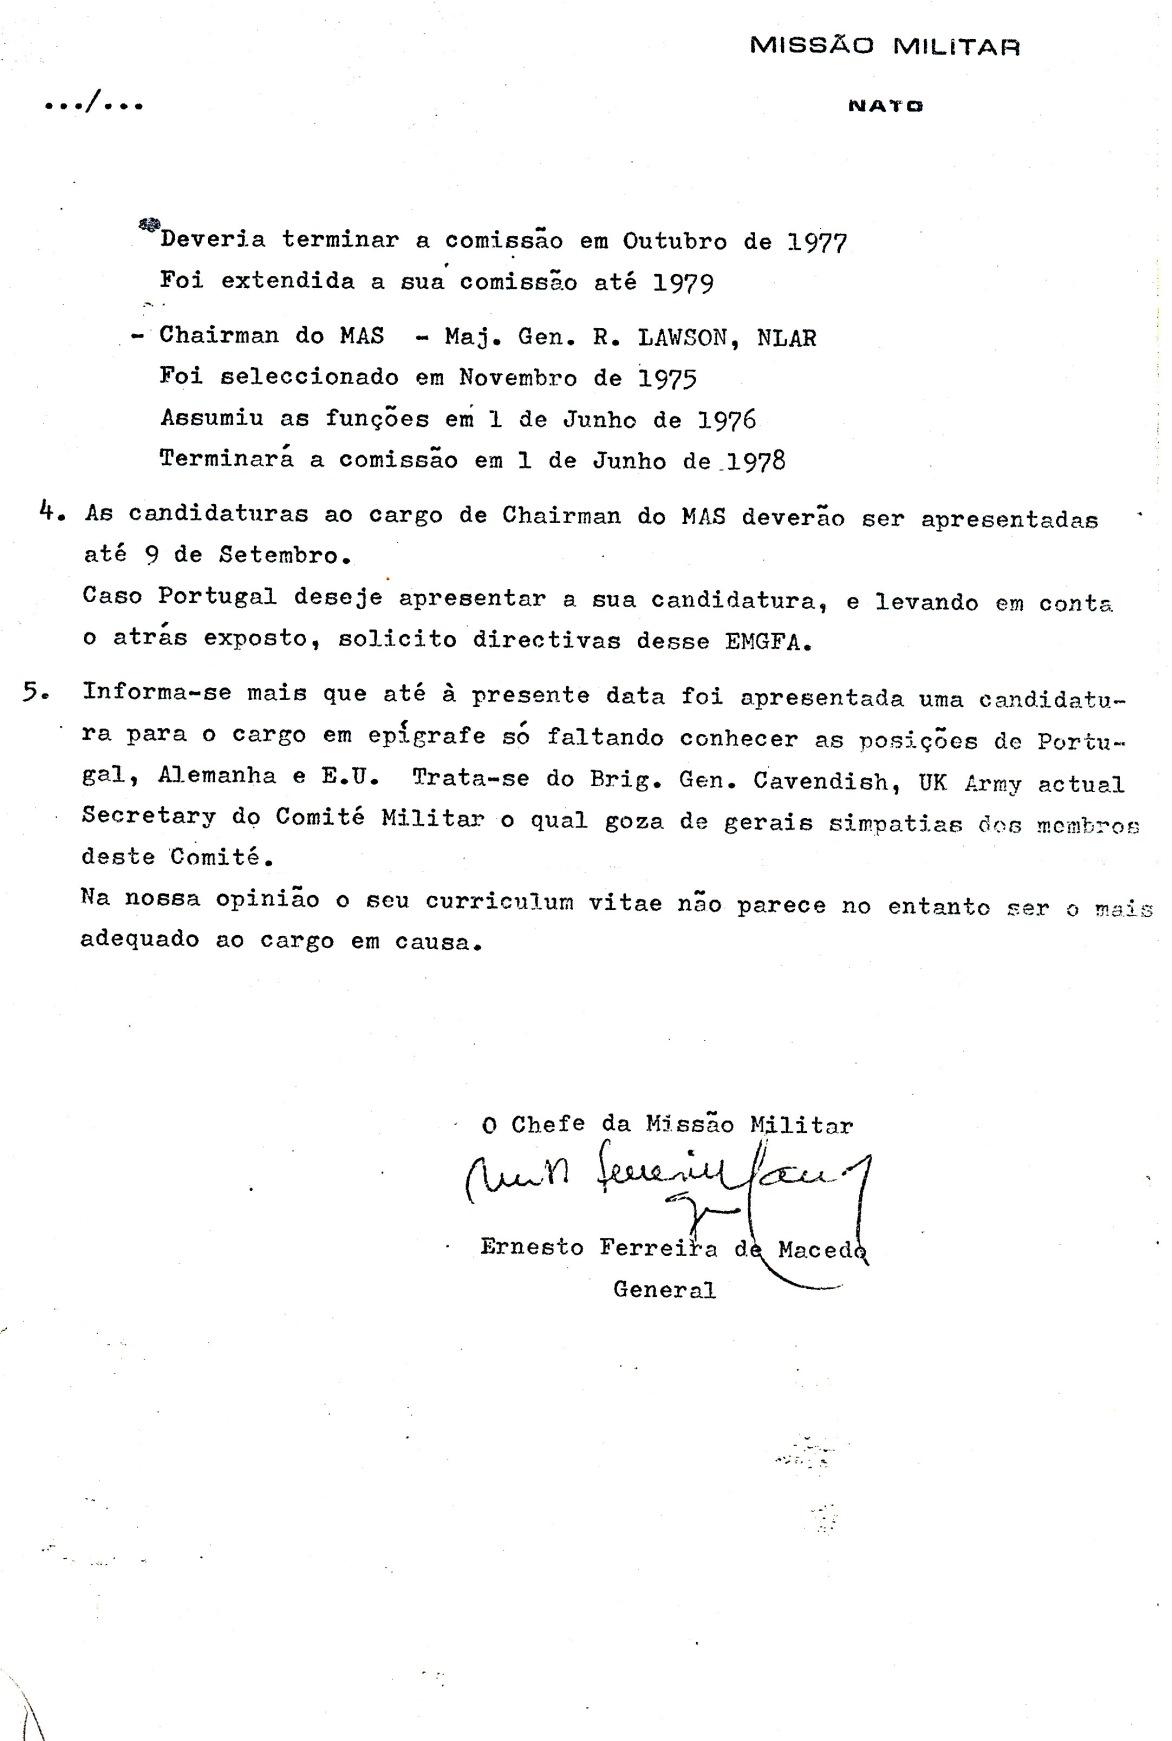 00837 977-08-26 Cargo na NATO - MILREP PO solicita informação se Portugal apresenta candidatura pg 2